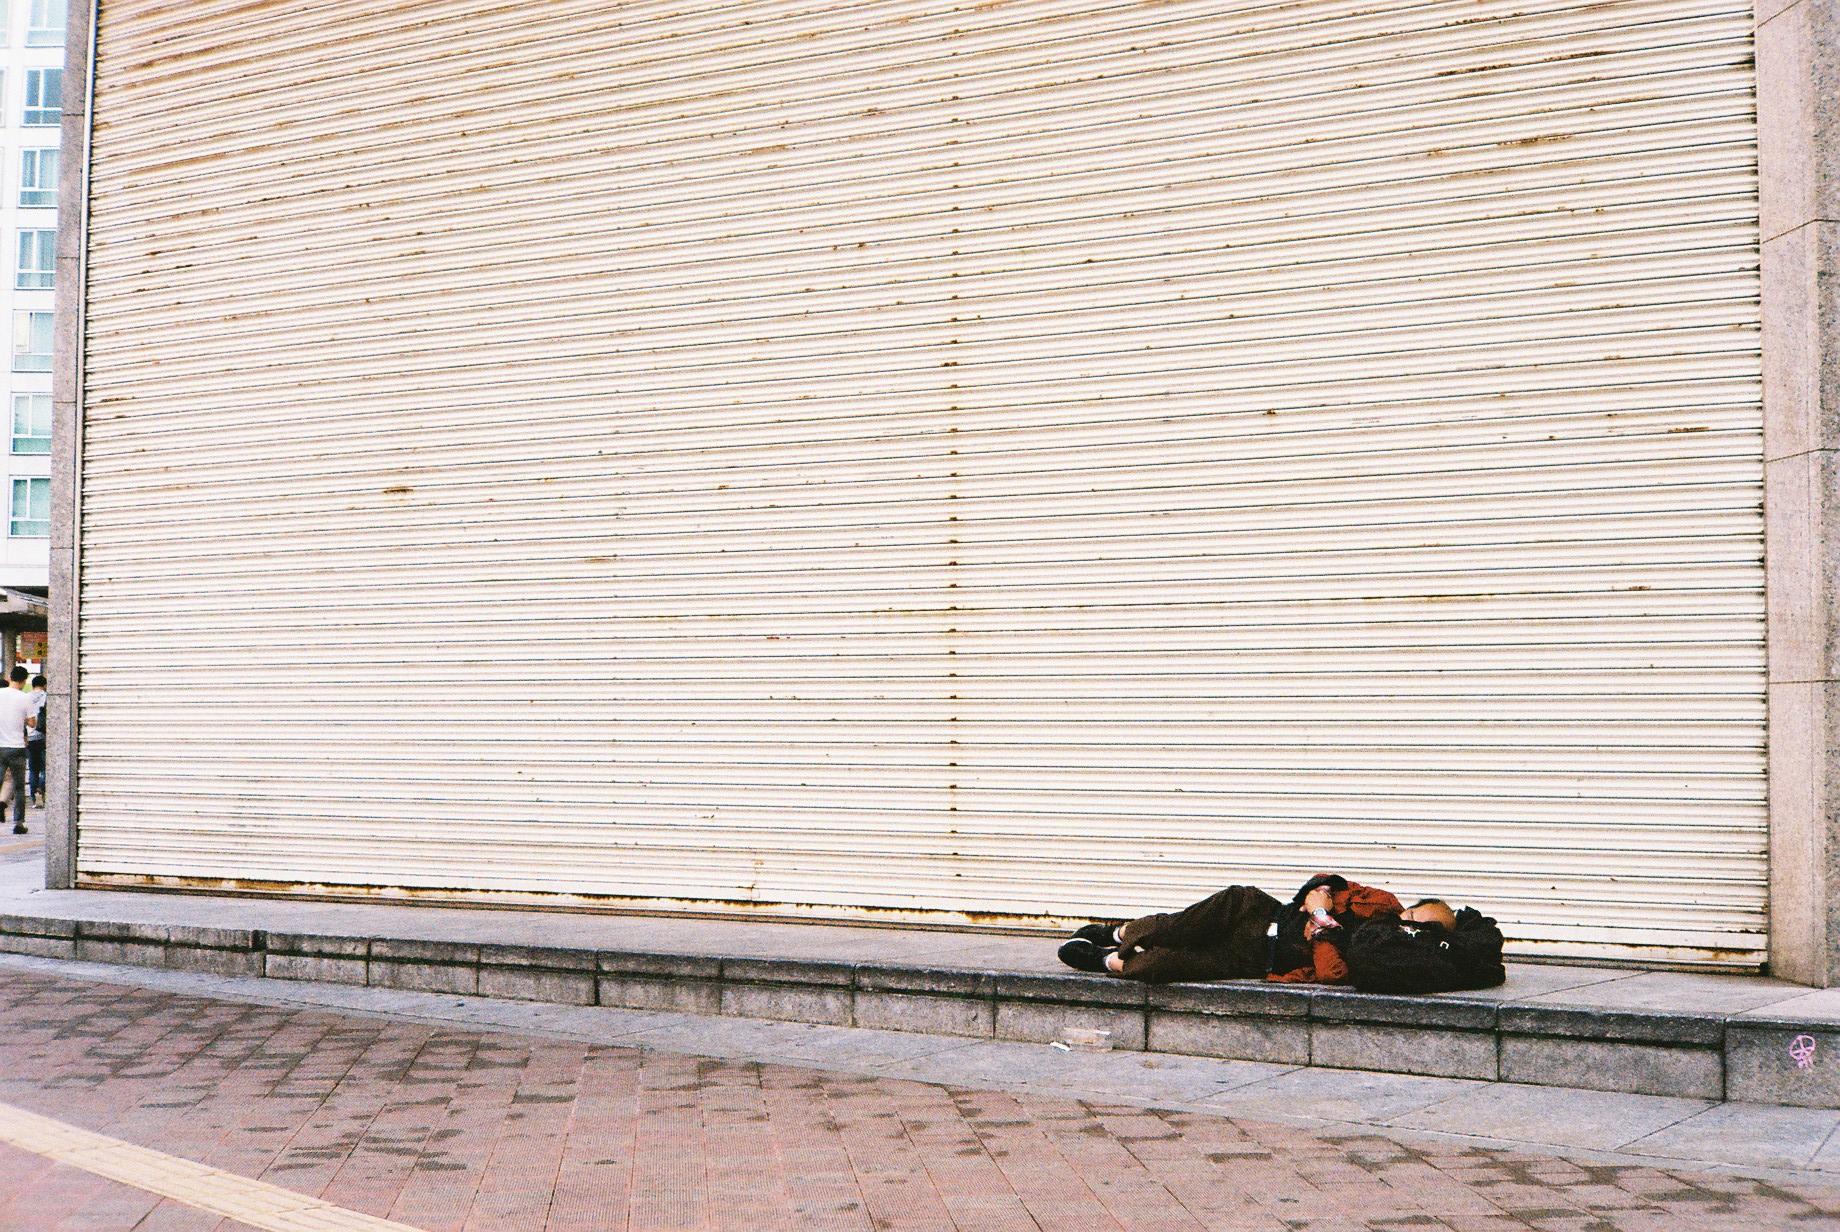 Leica M3 + Canon (L) 50mm F1.2